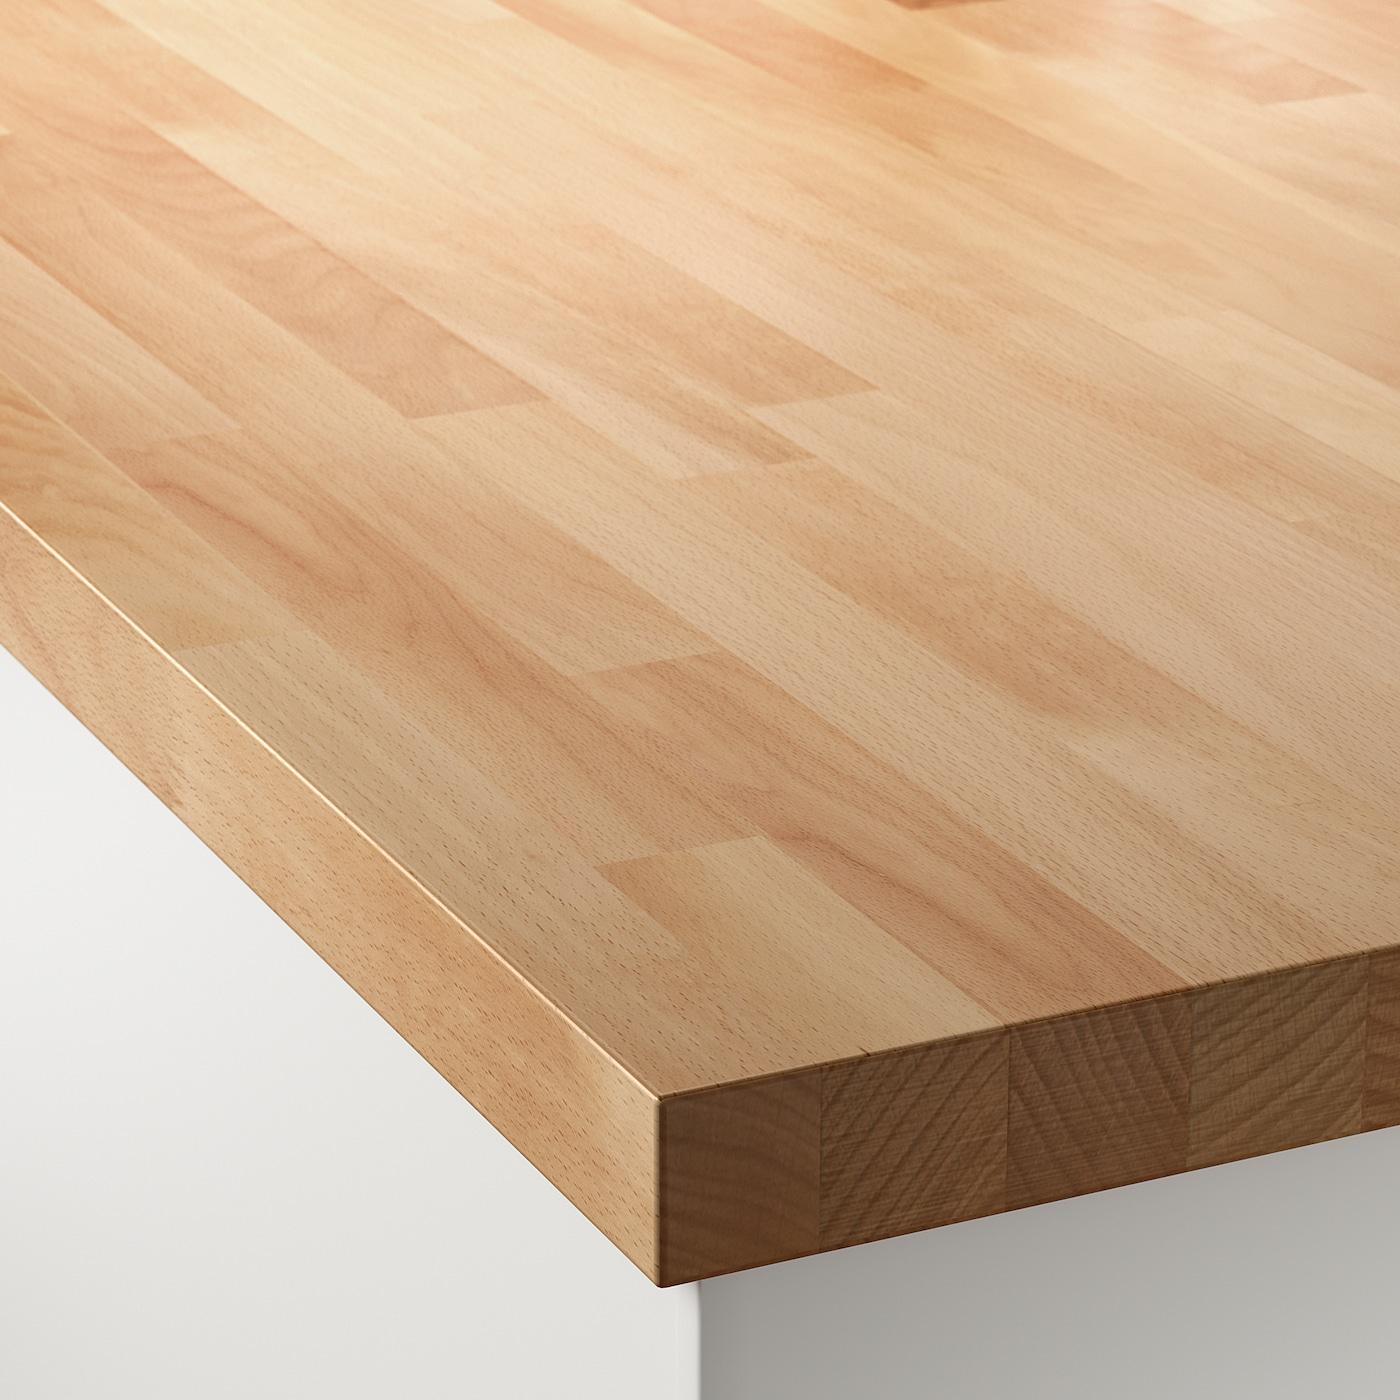 Tappeti Bagno Su Misura Torino skogarp piano di lavoro su misura - faggio, legno massiccio 63.6-125x4.0 cm